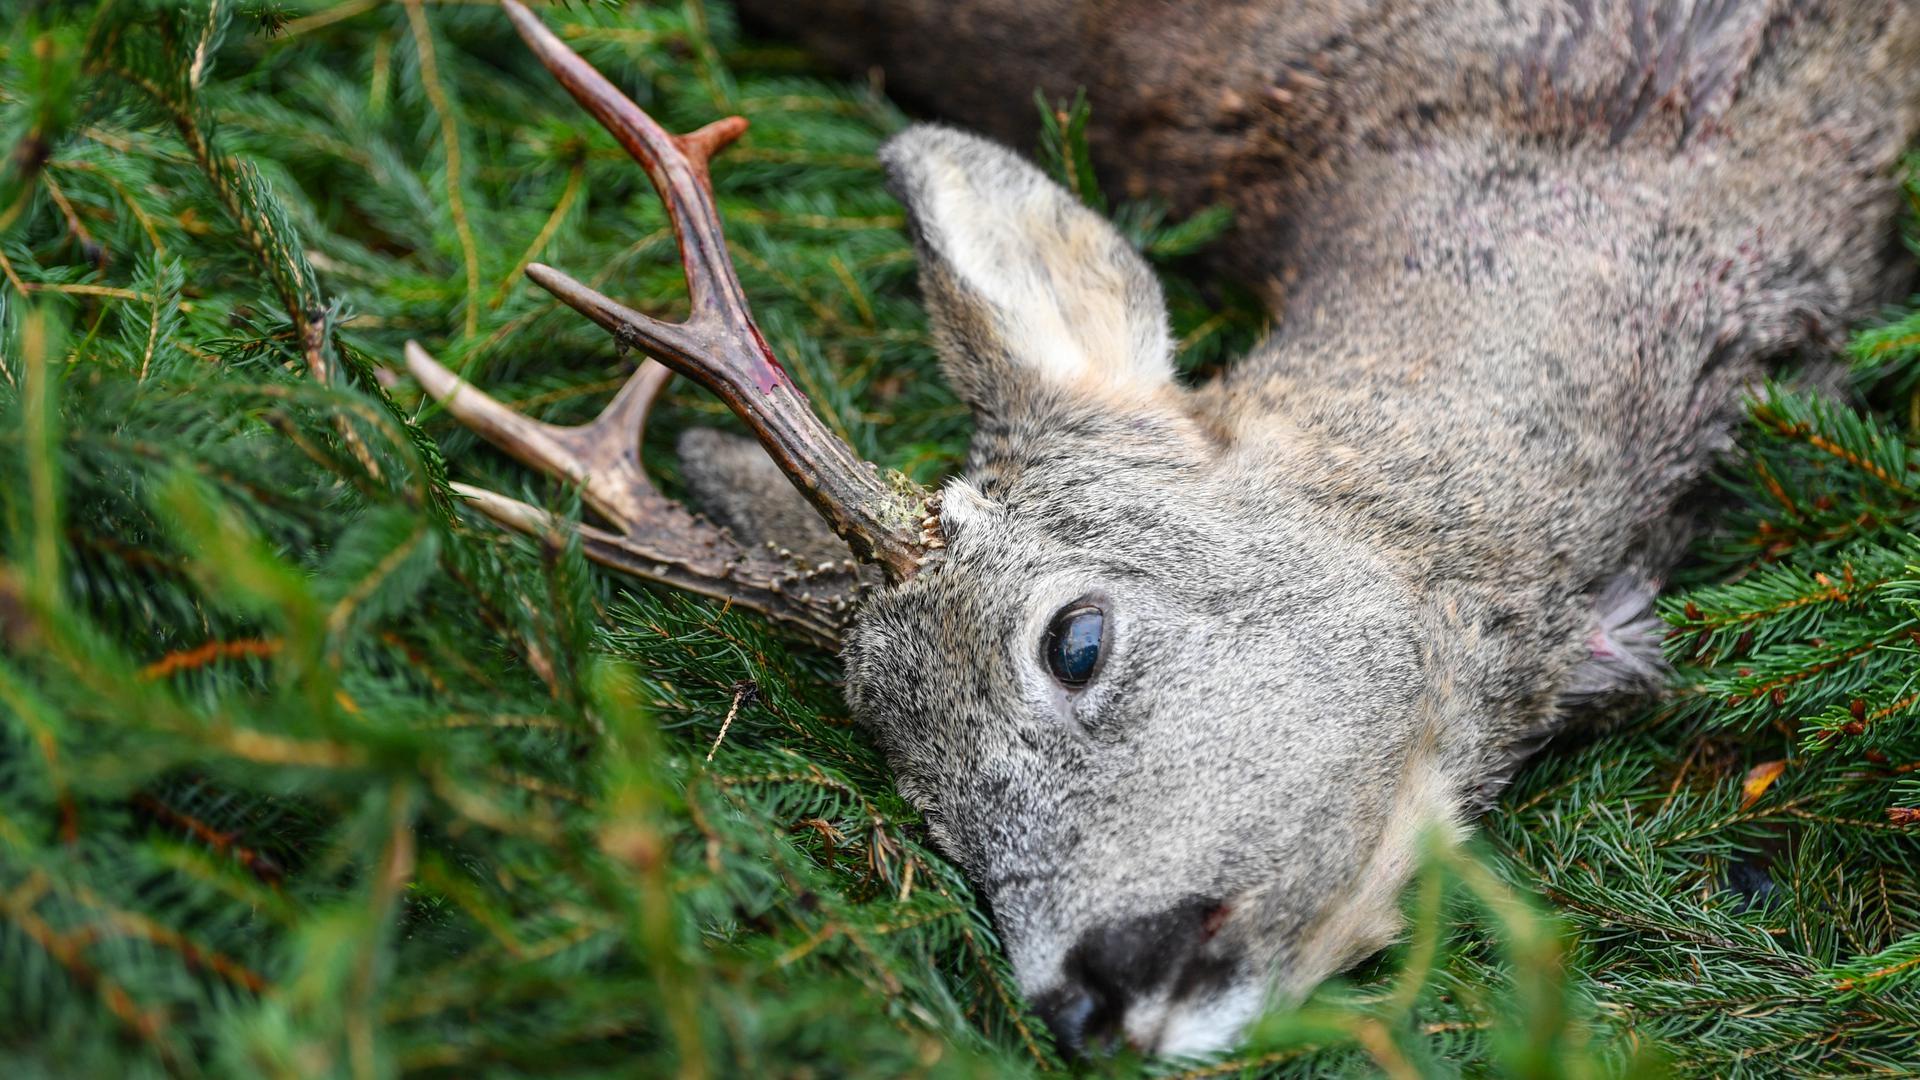 Tierschutz und Waldschutz gehen nicht immer unter einen Hut: Weil Rehe gerne junge Bäumchen fressen, will die Bundesregierung mit einem neuen Gesetz ihren Bestand wirksamer regeln, damit sich Deutschlands stark geschädigte Wälder erholen können.